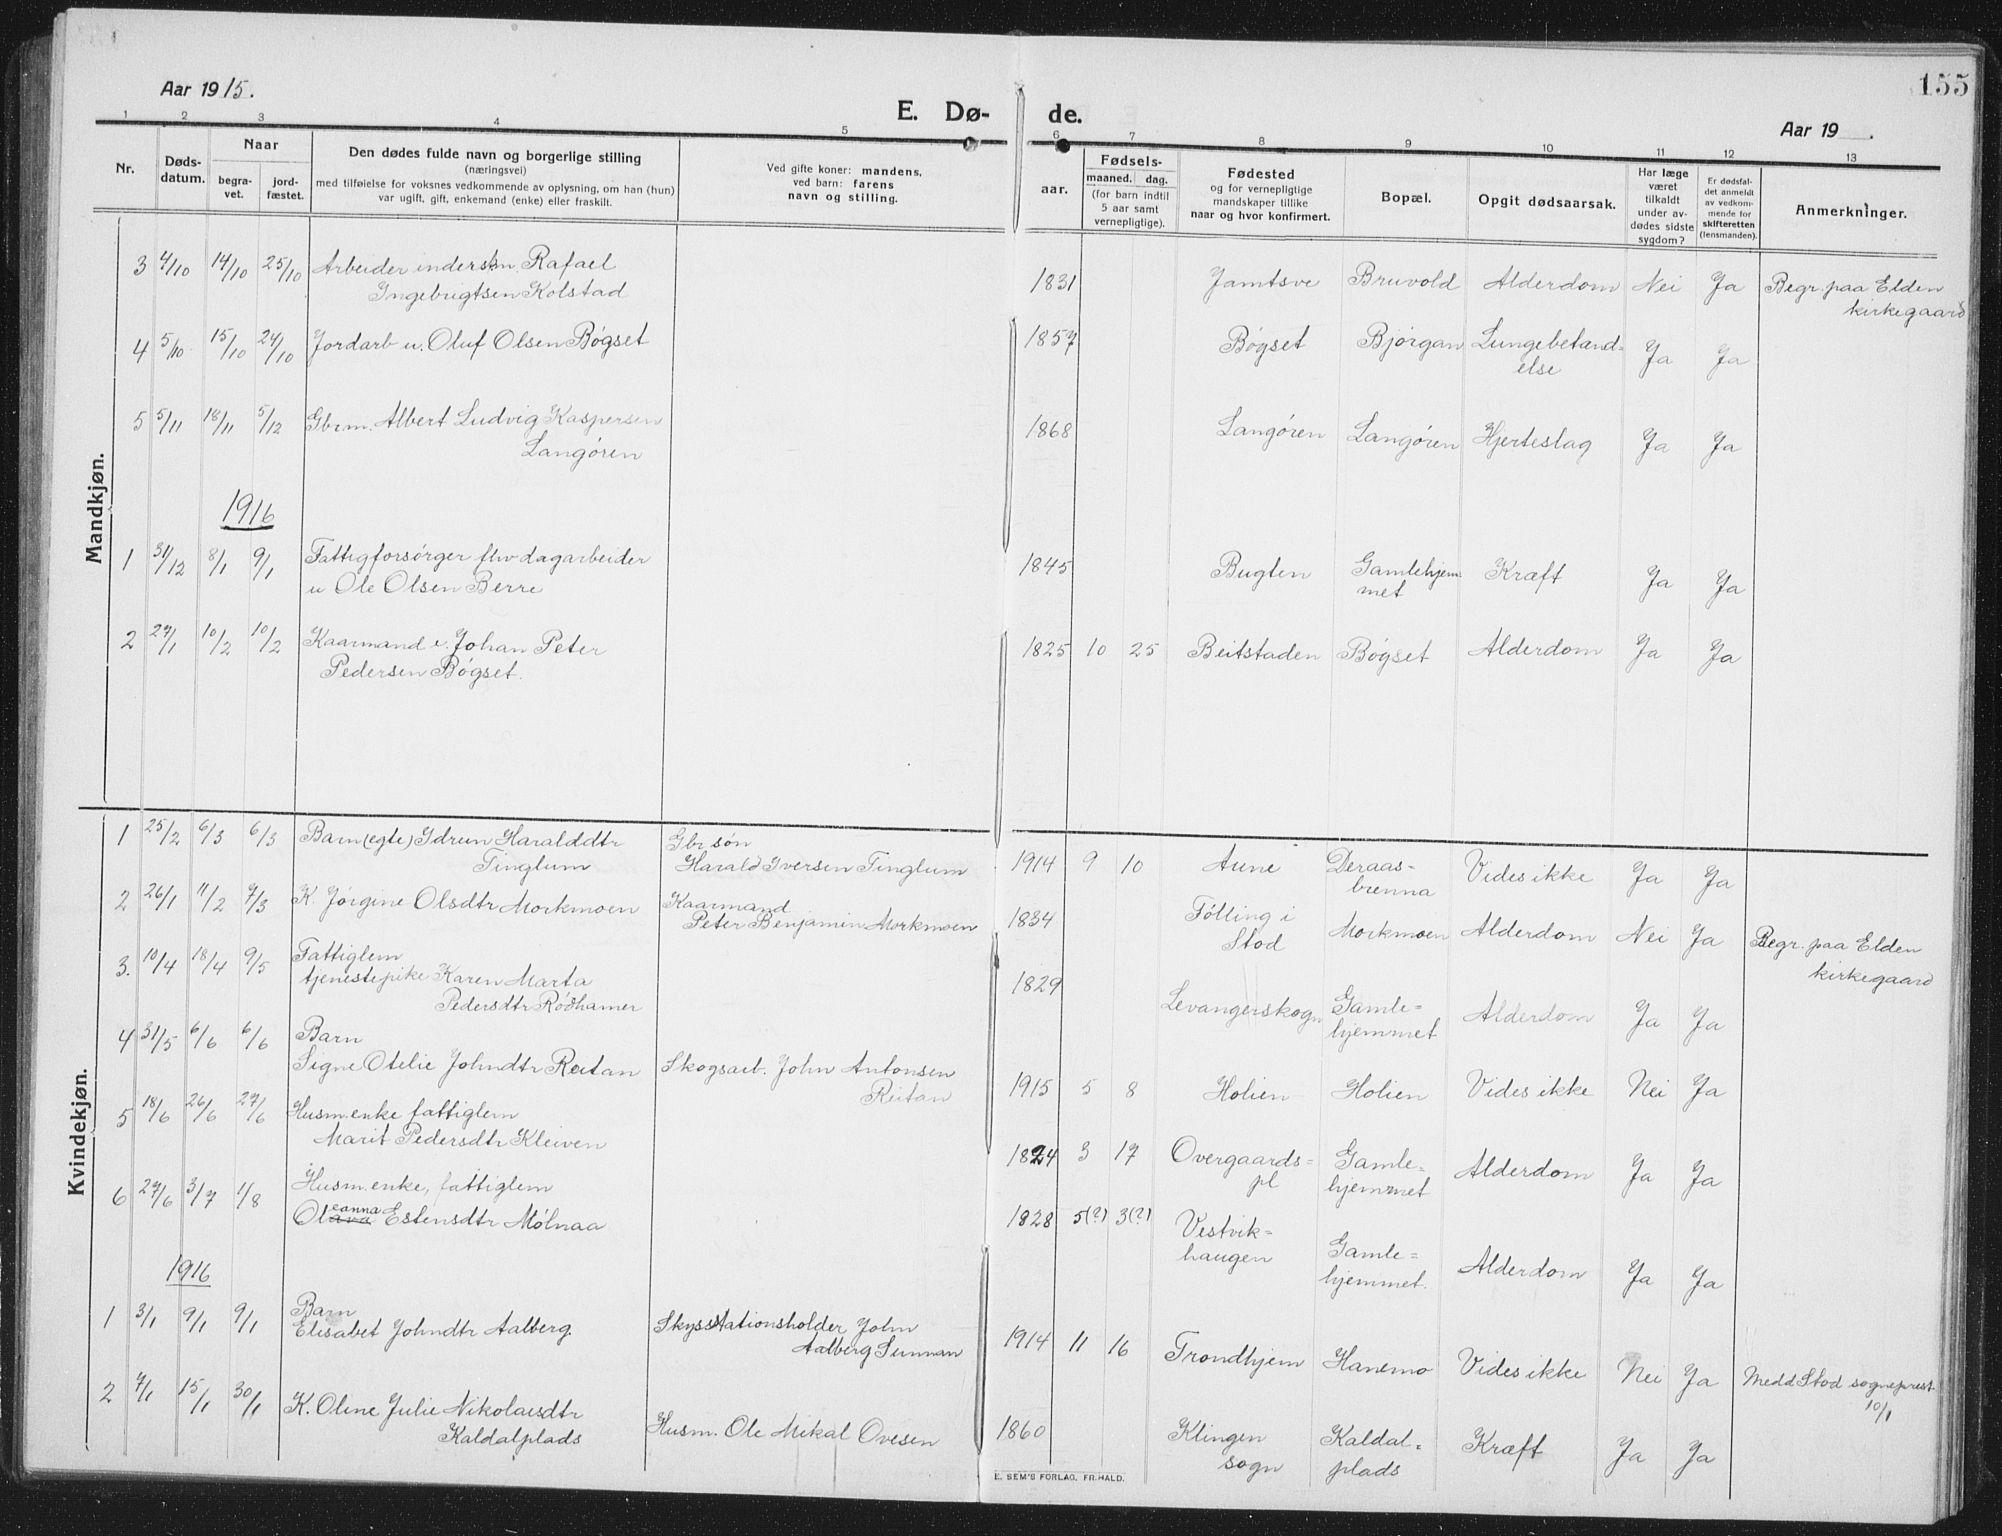 SAT, Ministerialprotokoller, klokkerbøker og fødselsregistre - Nord-Trøndelag, 742/L0413: Klokkerbok nr. 742C04, 1911-1938, s. 155